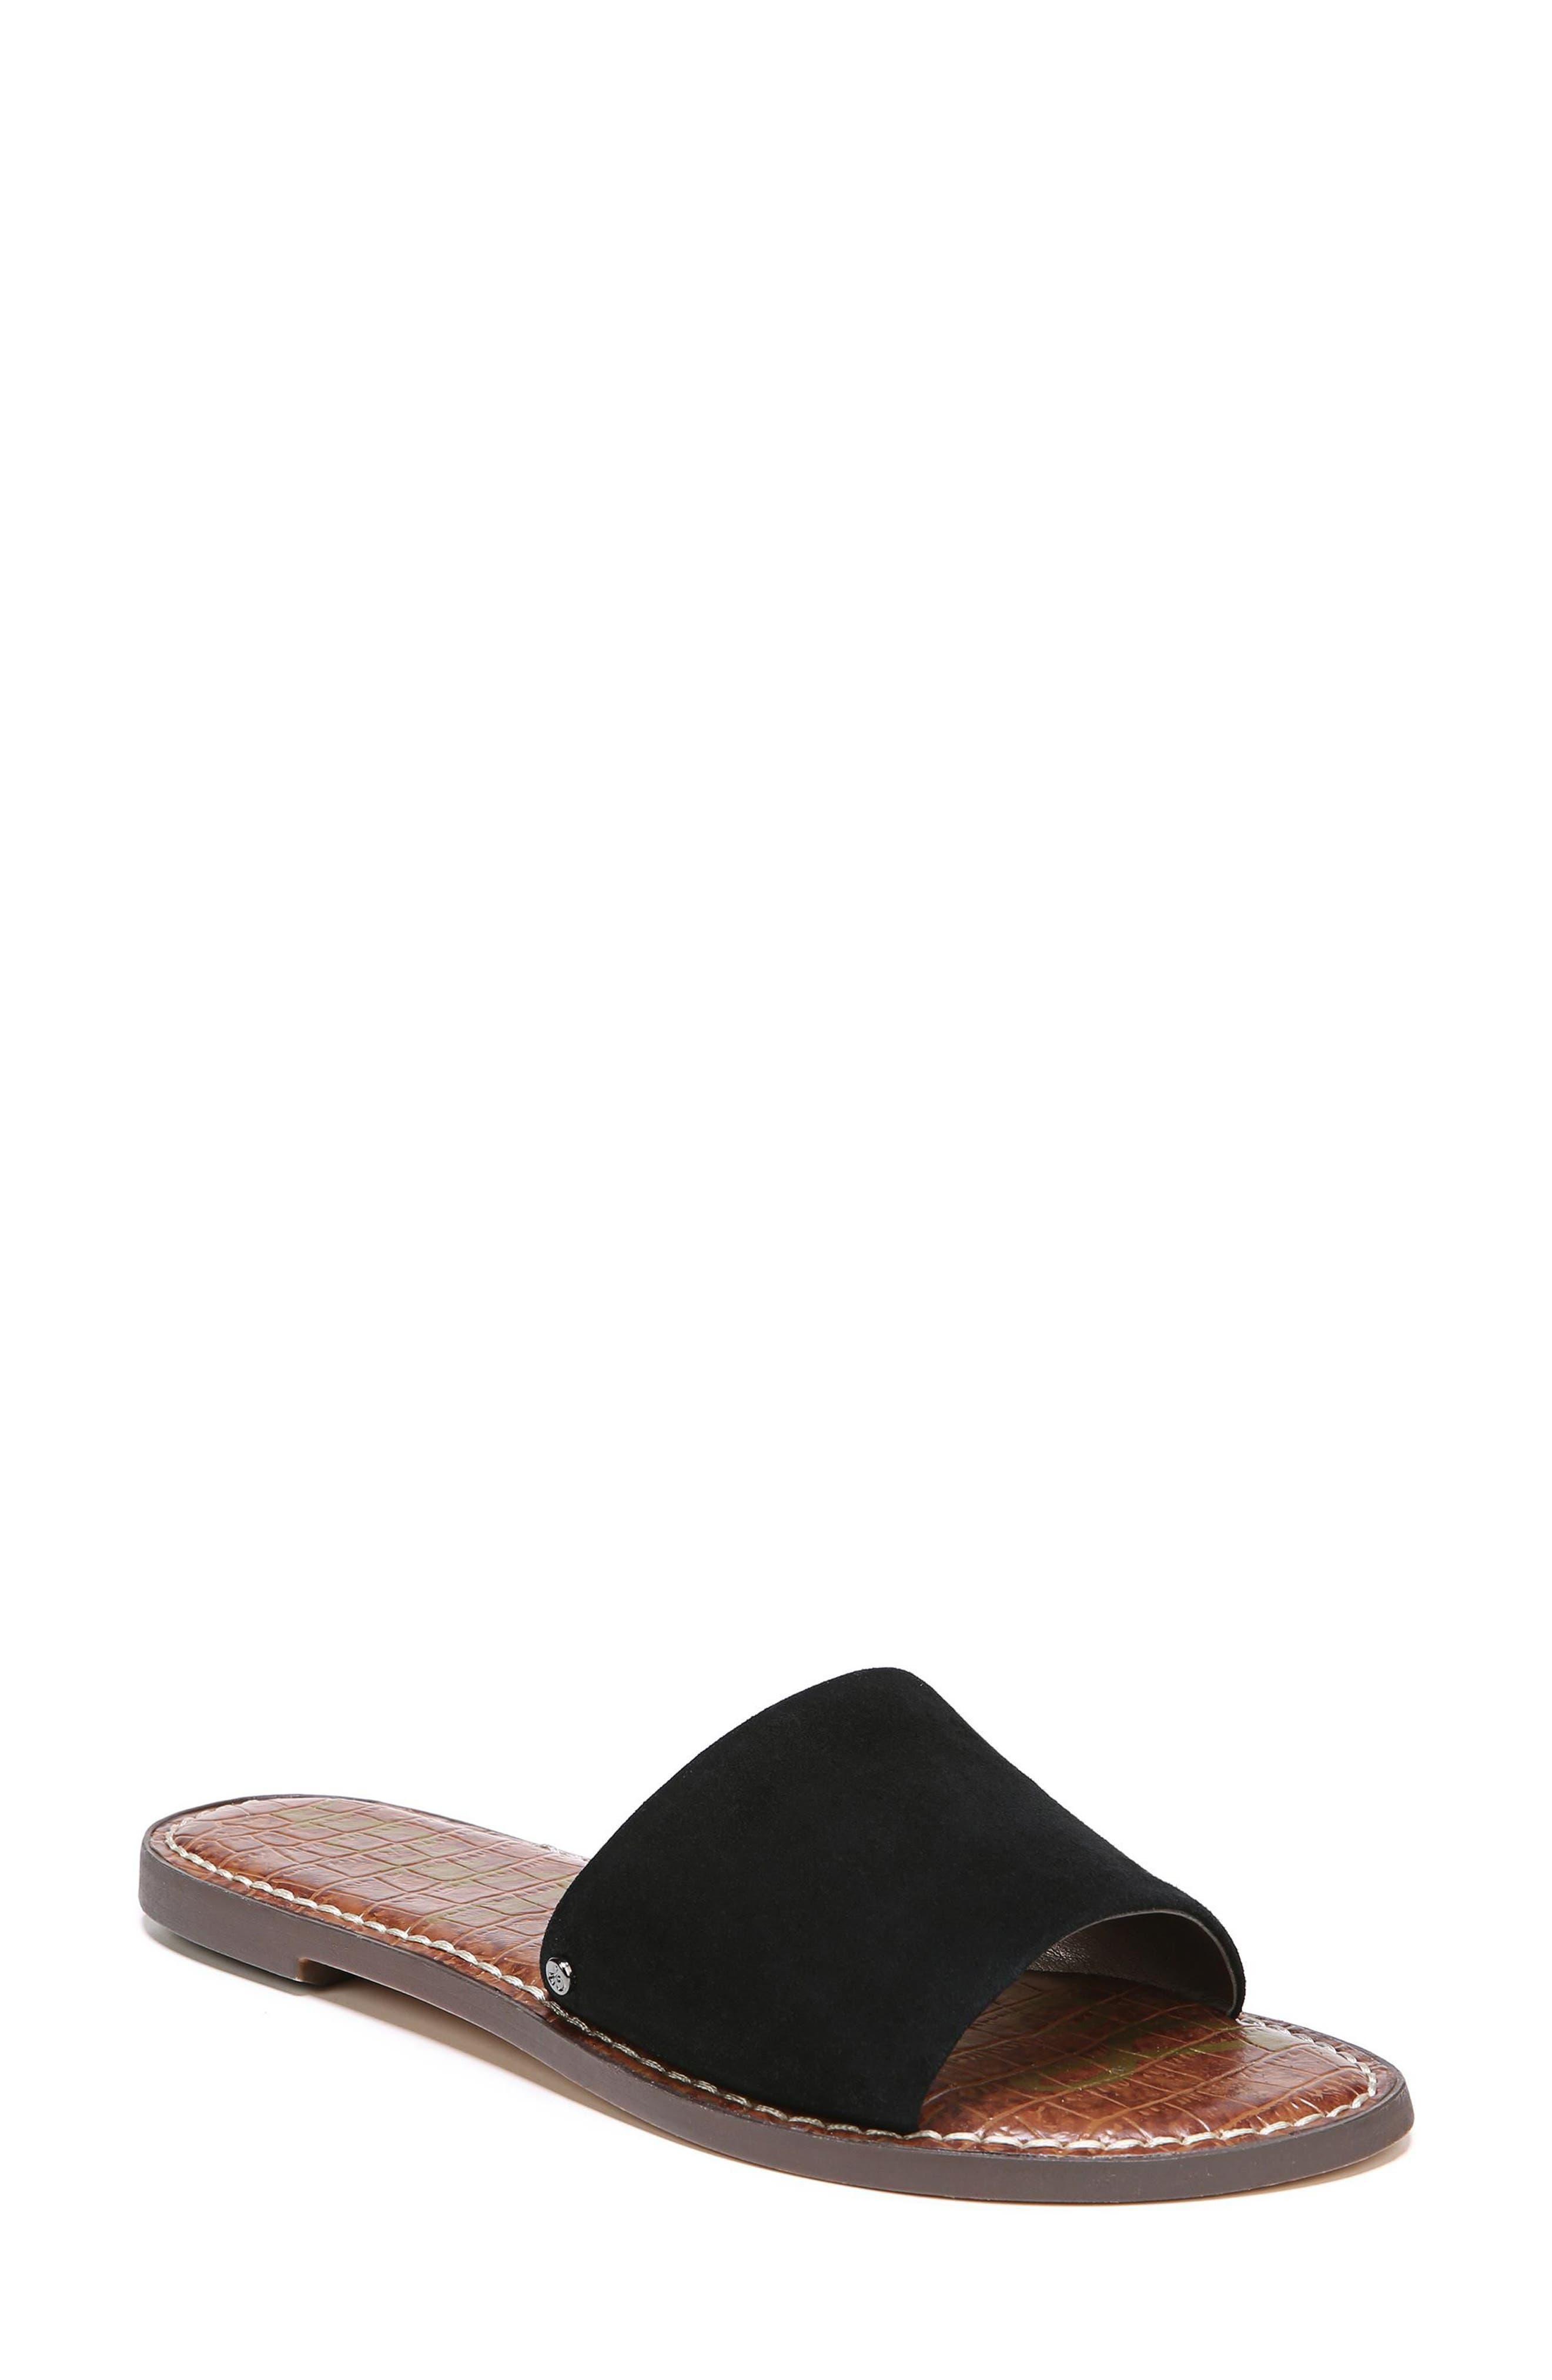 Women's Gio Slide Sandal